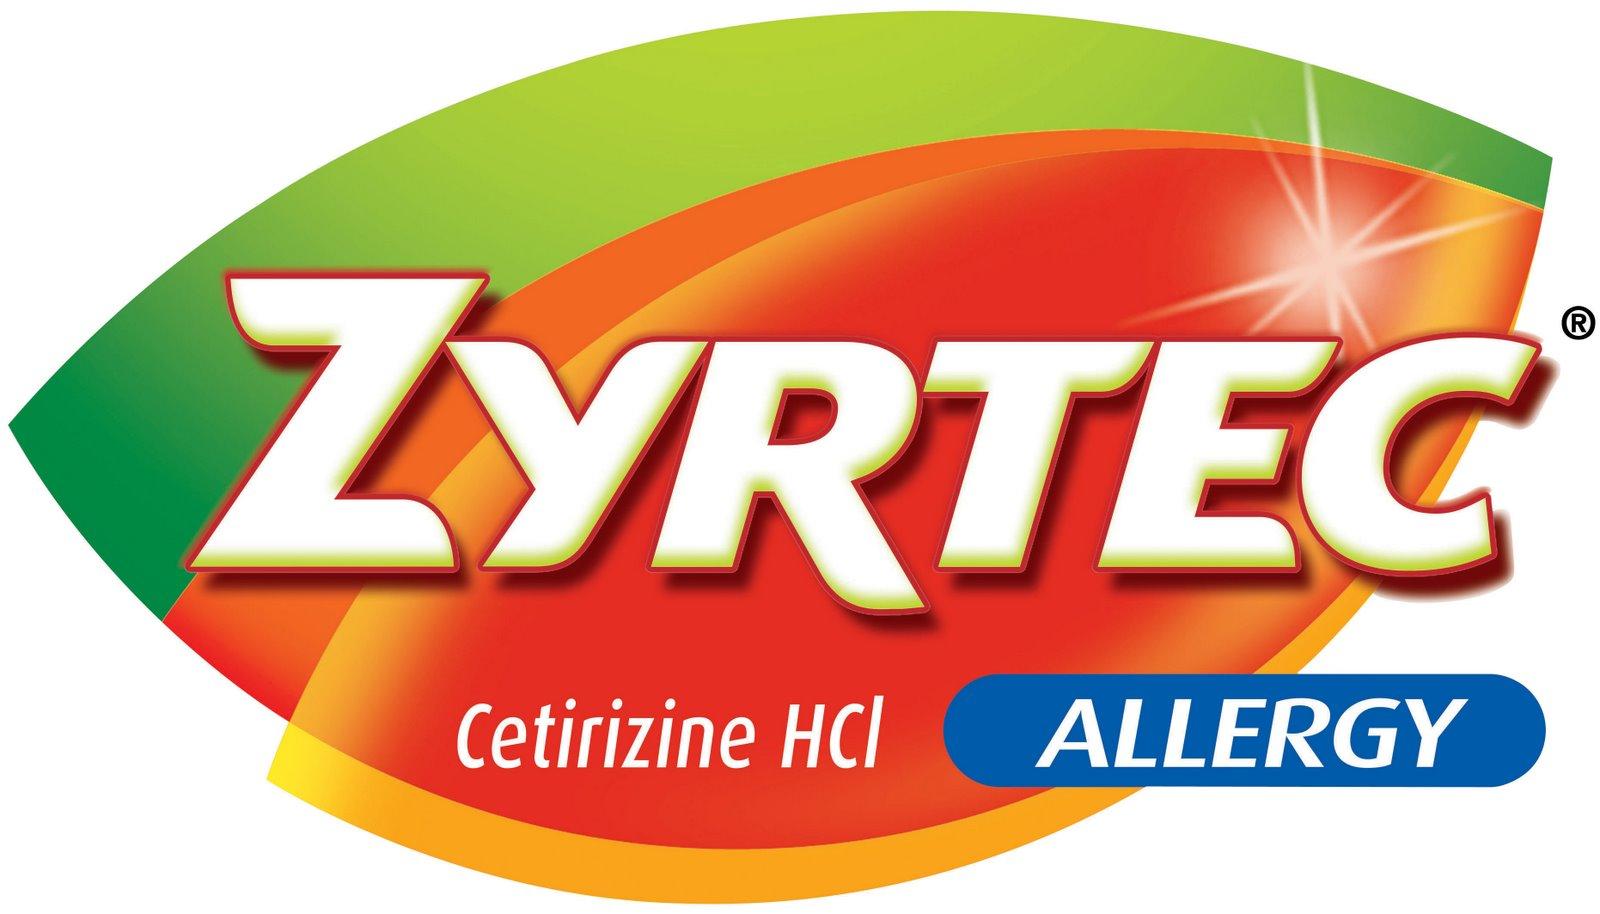 external image 1ZyrtecIR_HR_4Bsm-789358.jpg